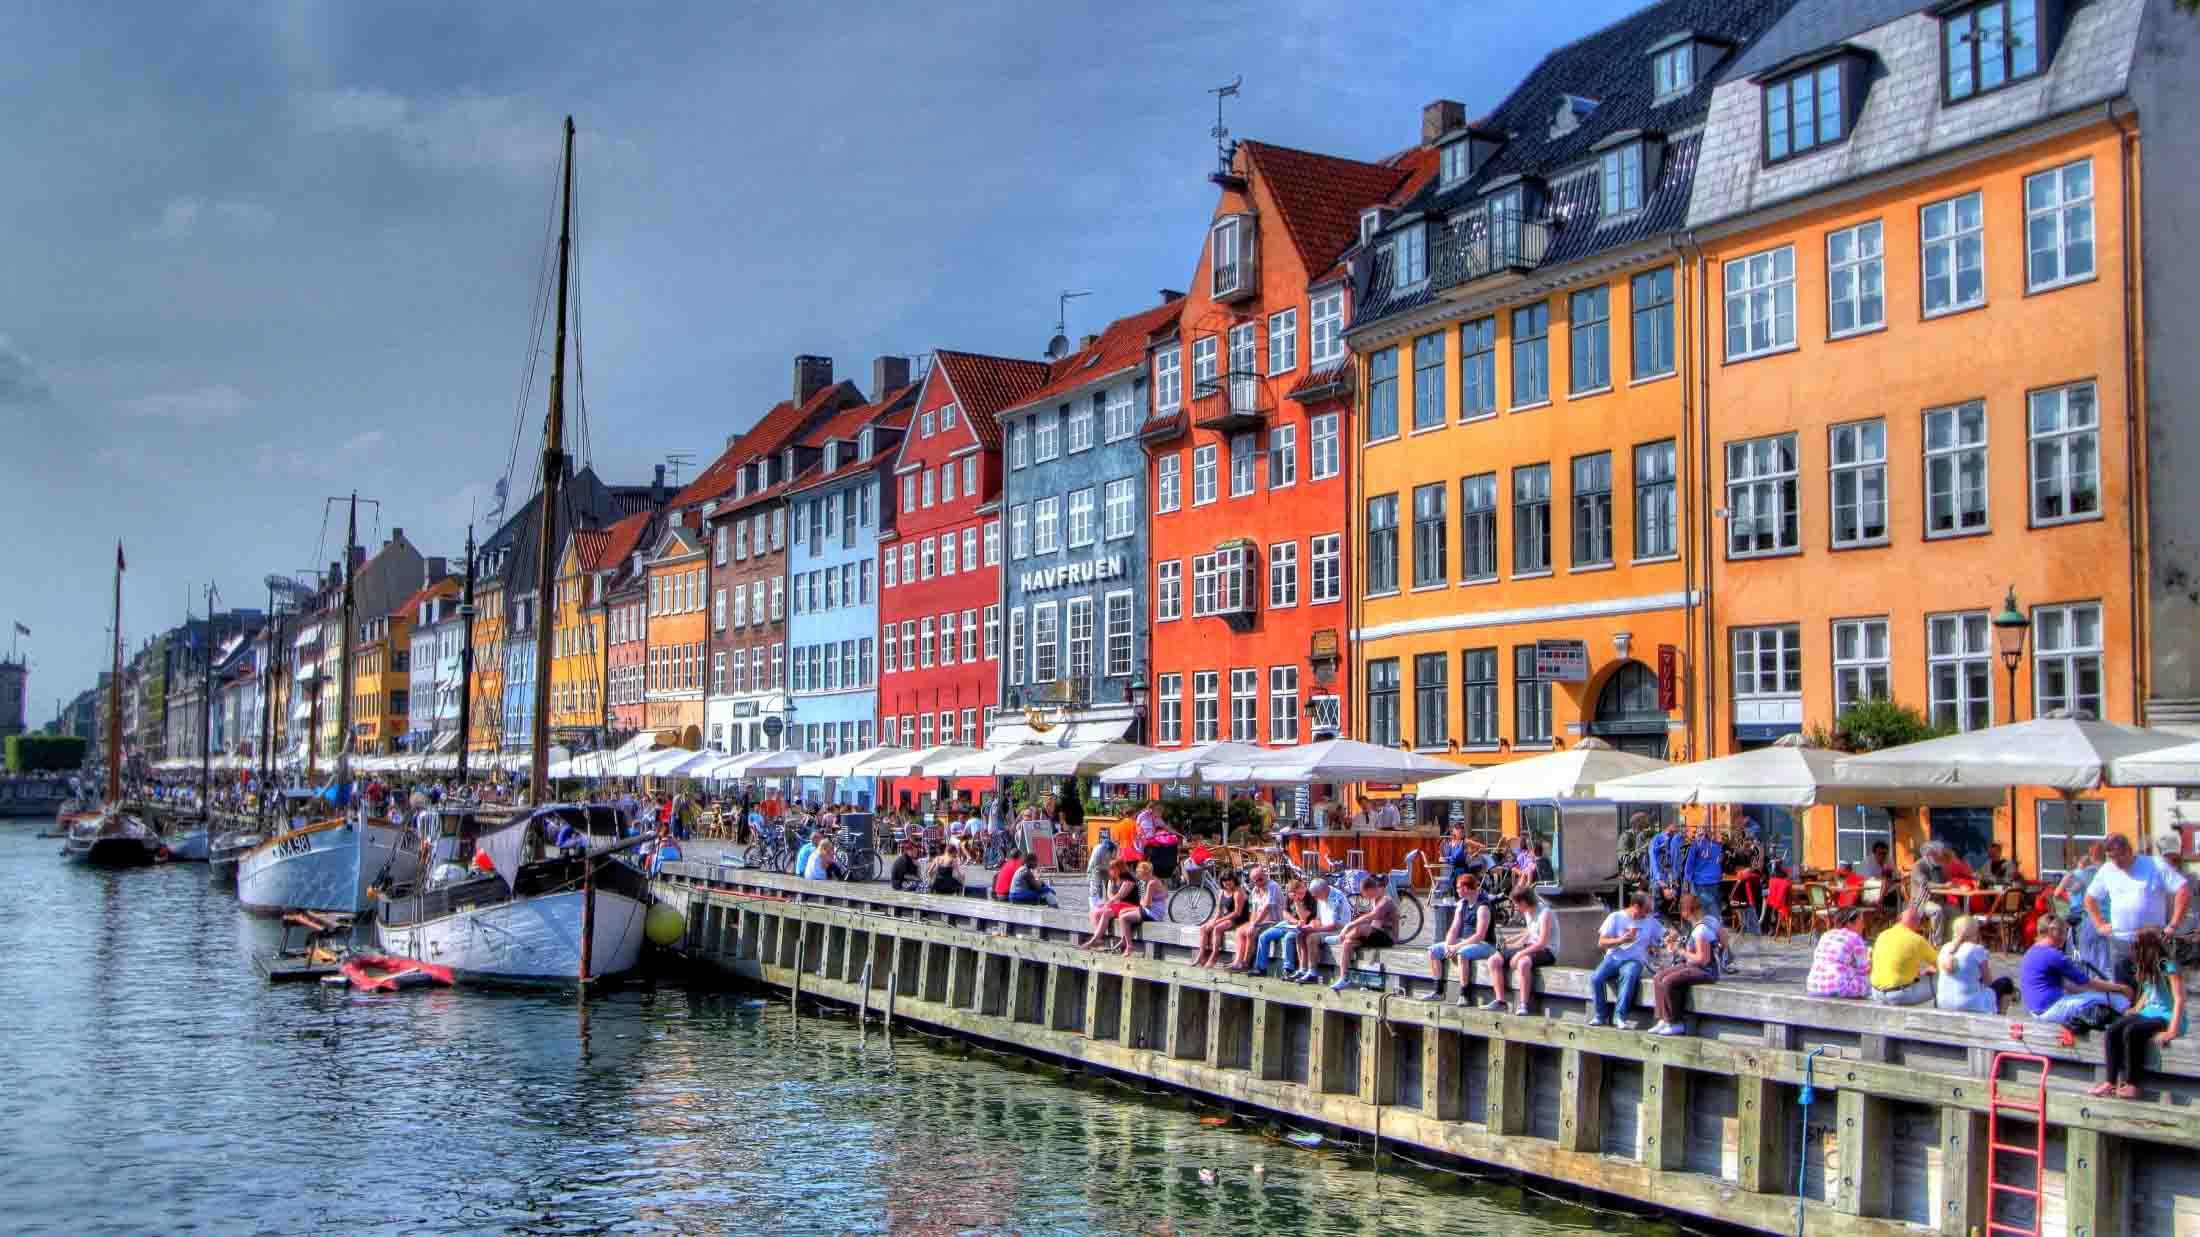 Региональная конференция European Students for Liberty в Копенгагене, Дания